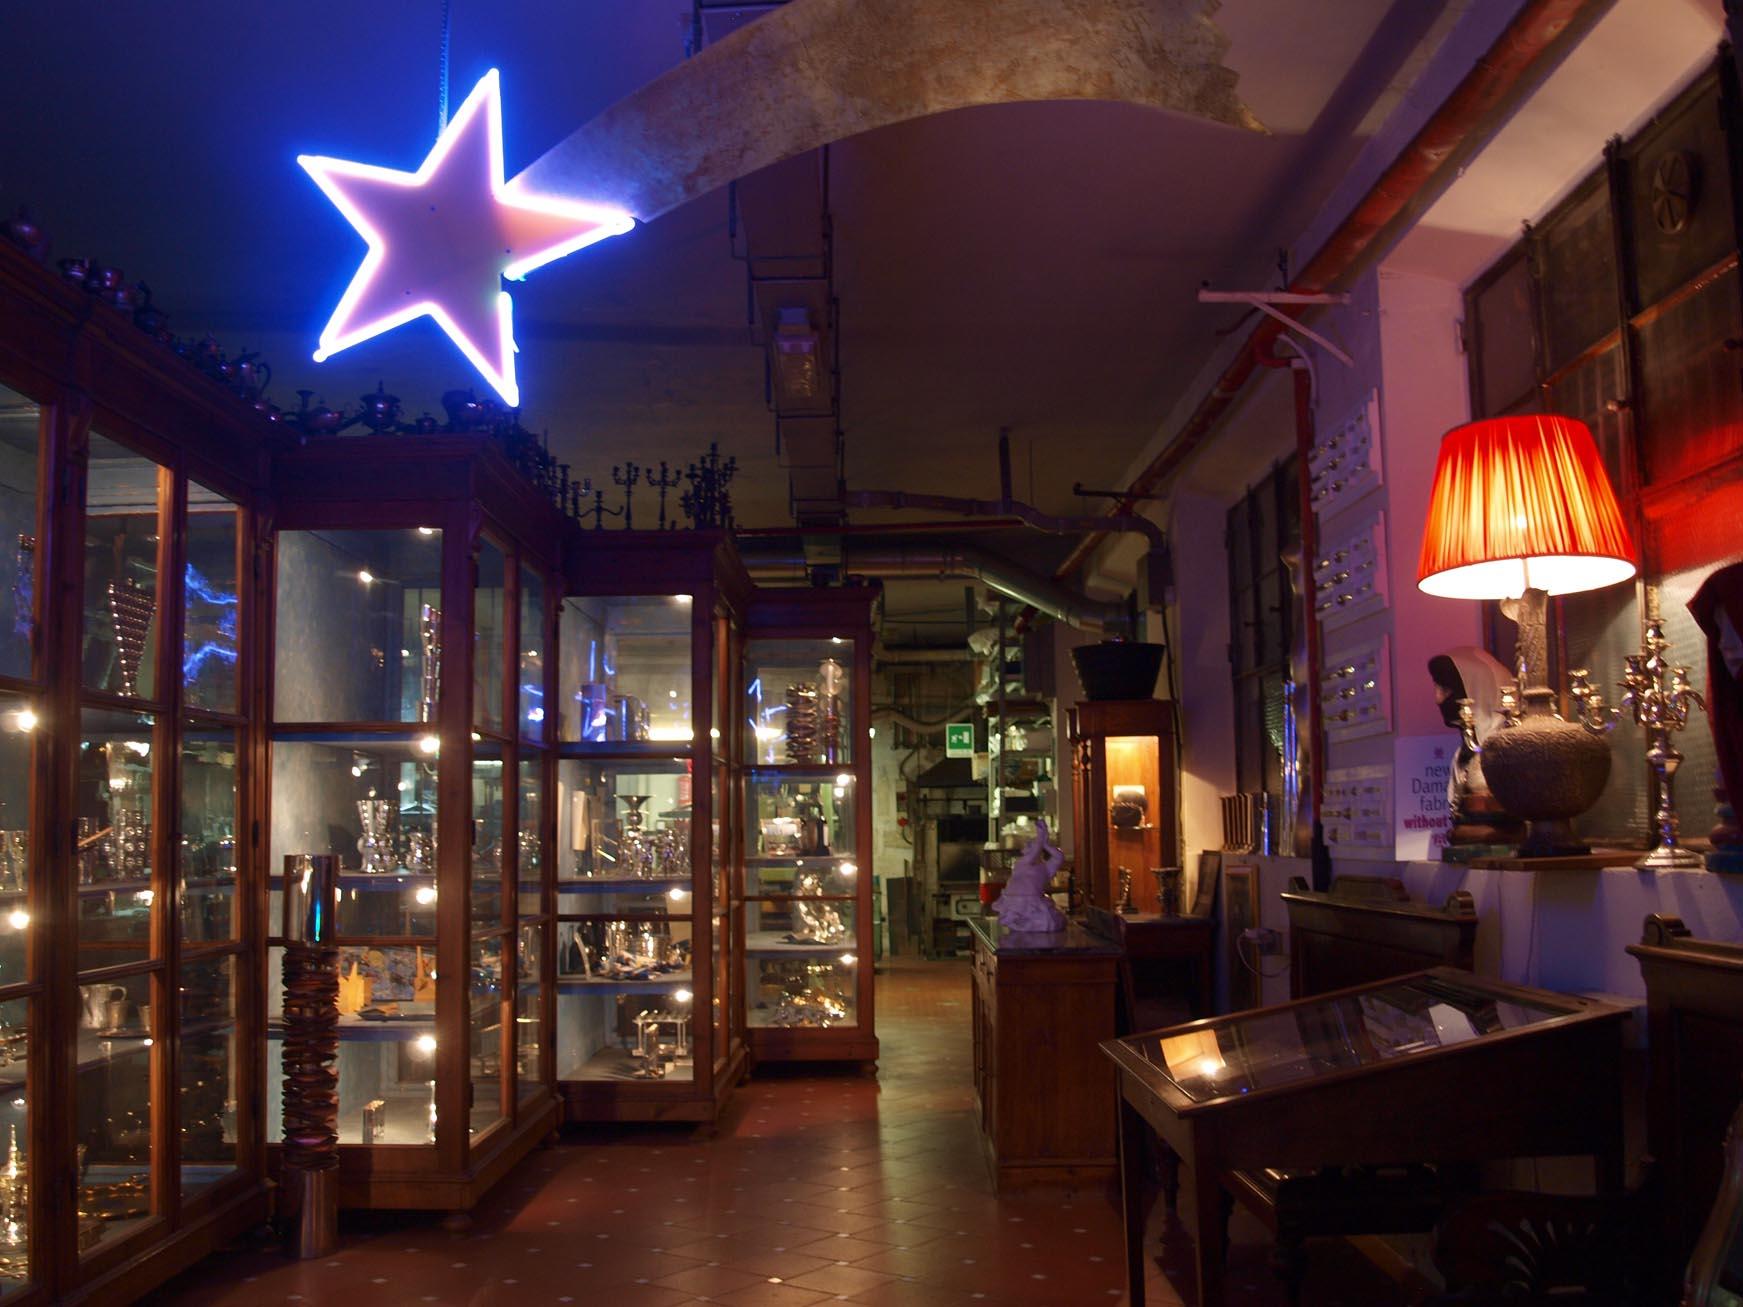 超感動!!フィレンツェにこんな素敵なレストランを発見!!記念日に選びたい1軒_c0179785_5262064.jpg